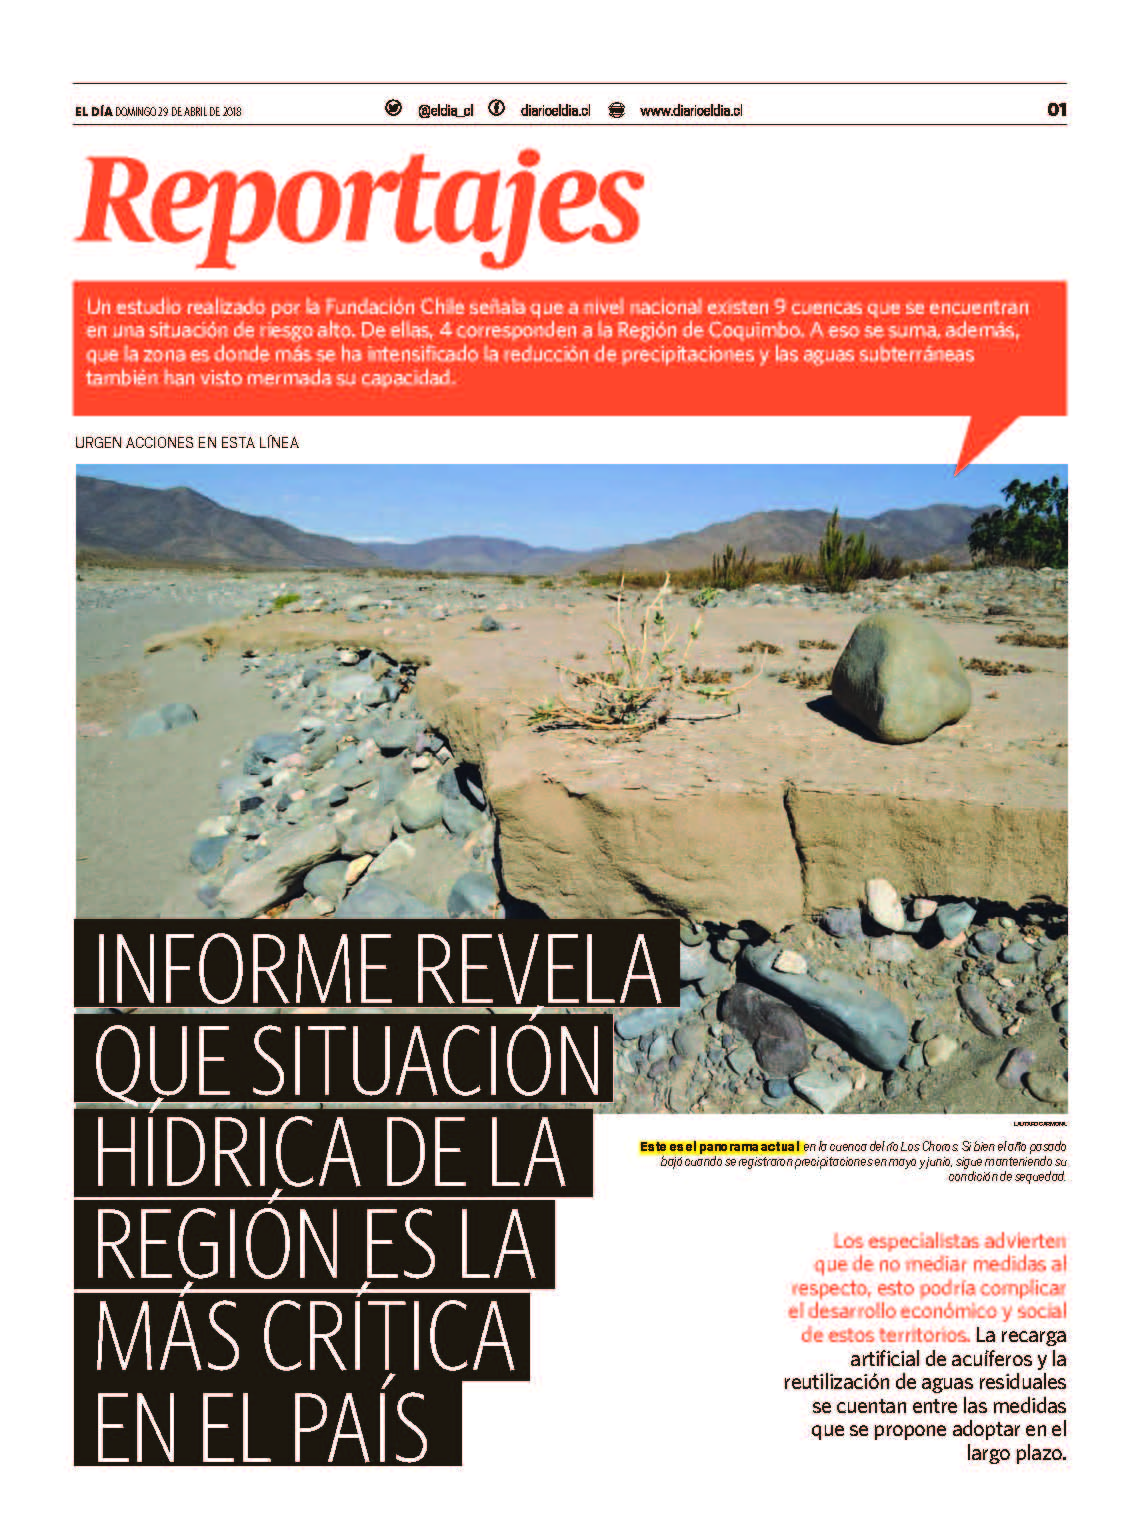 crisis hídrica de la región Coquimbo